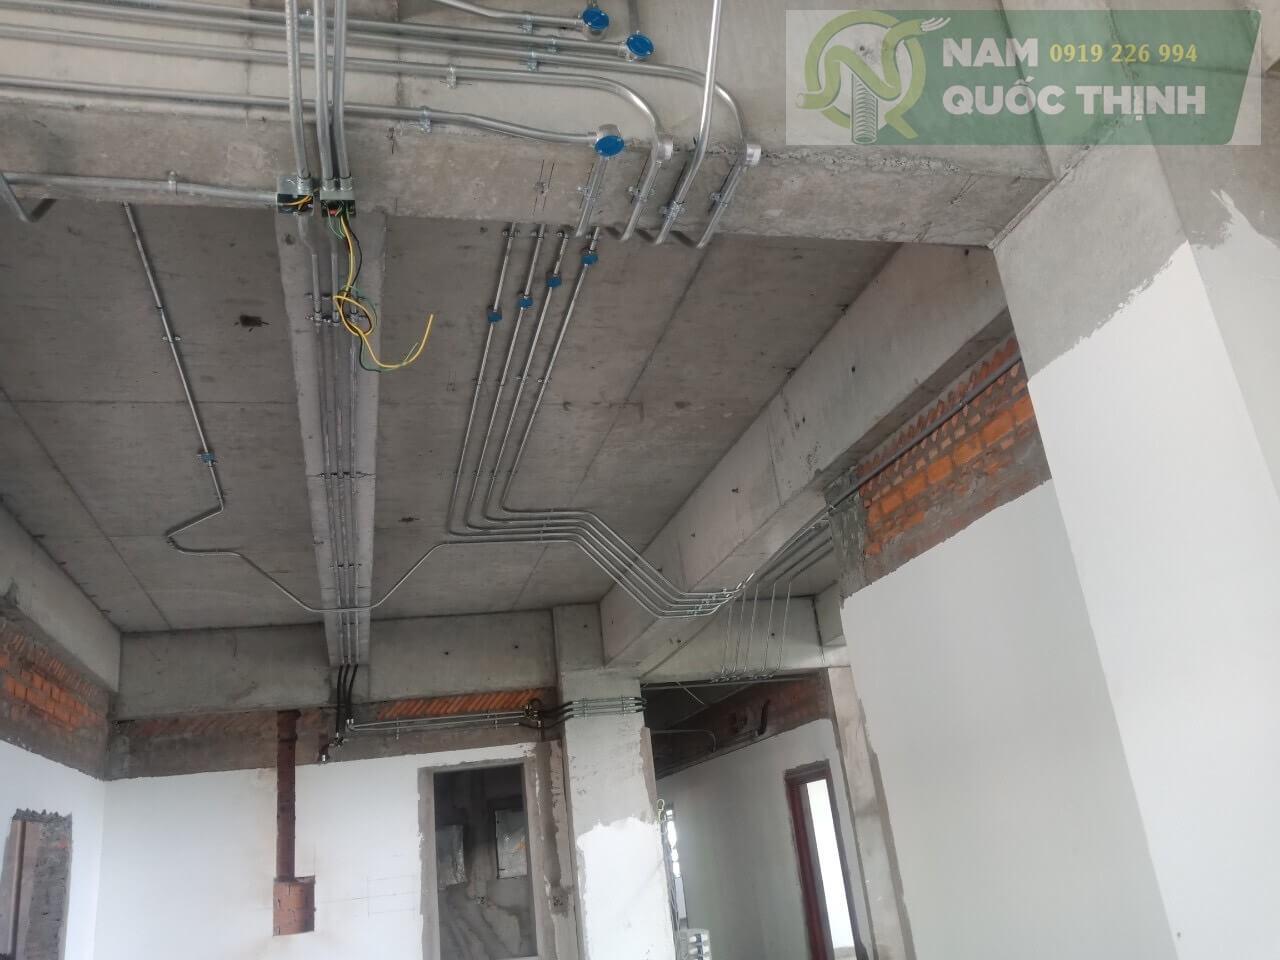 Hệ thống ống thép luồn dây điện emt phi 32 nam quốc thịnh